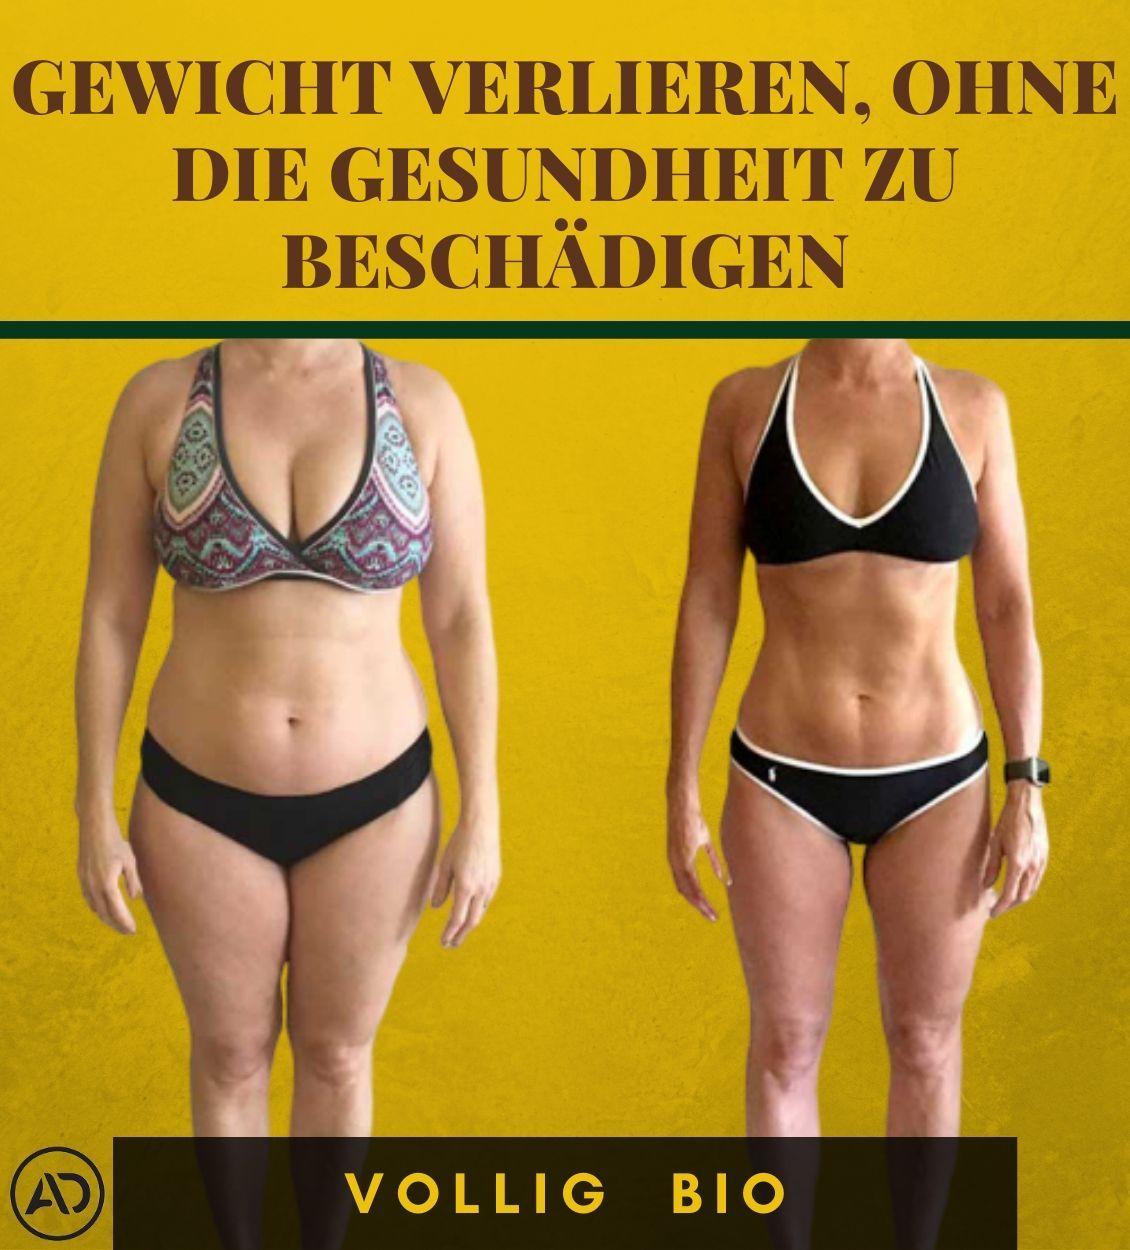 Welcher Gürtel ist der beste, um Gewicht zu verlieren?